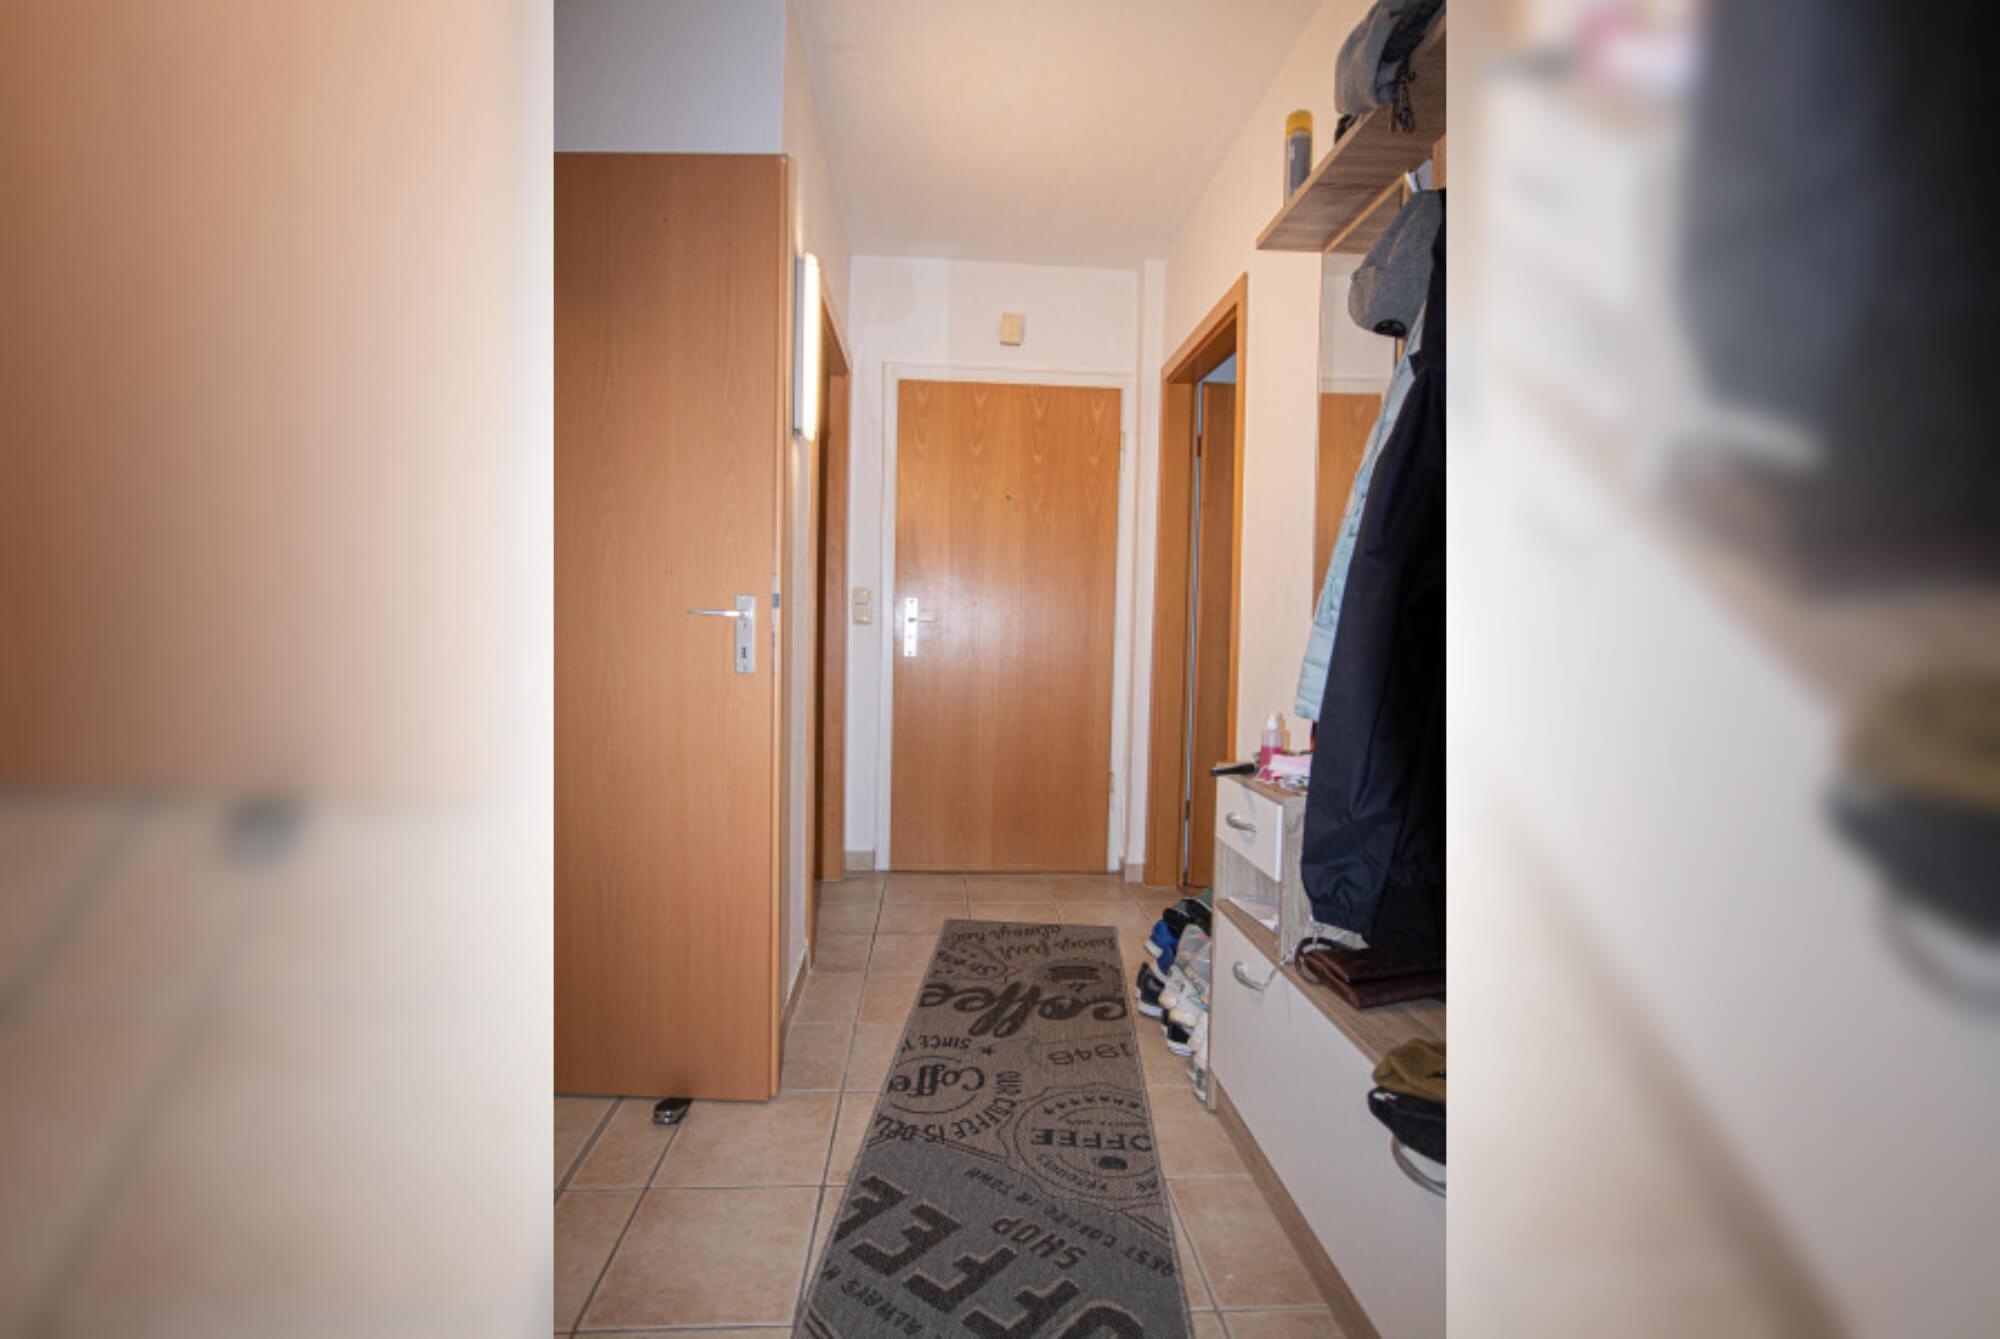 Ein rundes Angebot – 3 Eigentumswohnungen mit zusätzlichem Dachboden (Ausbaureserve)